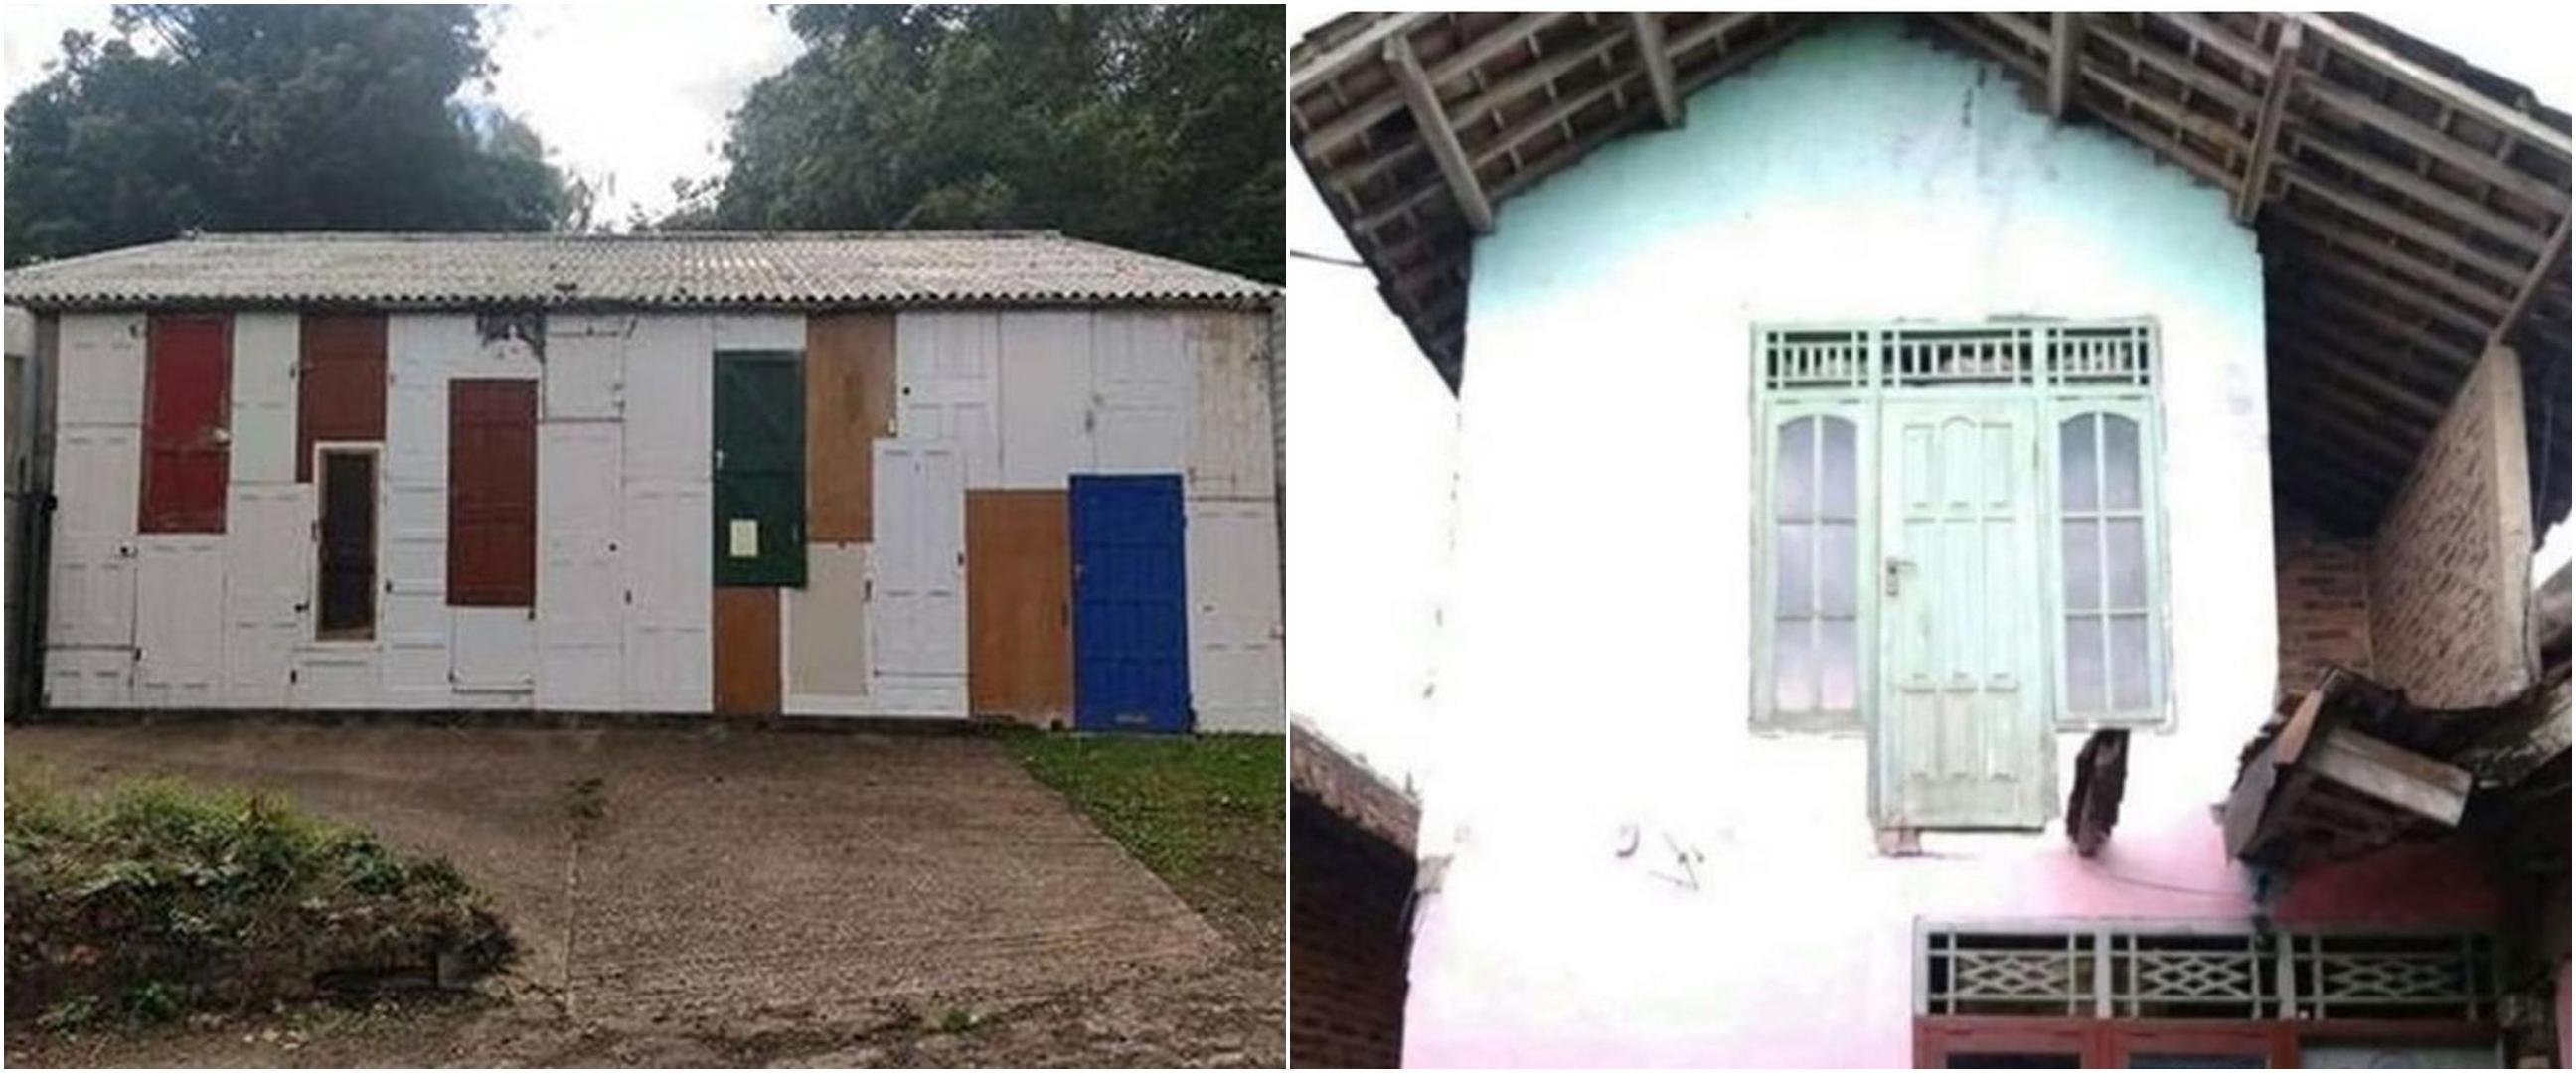 10 Desain pintu rumah nyeleneh ini bikin gagal paham